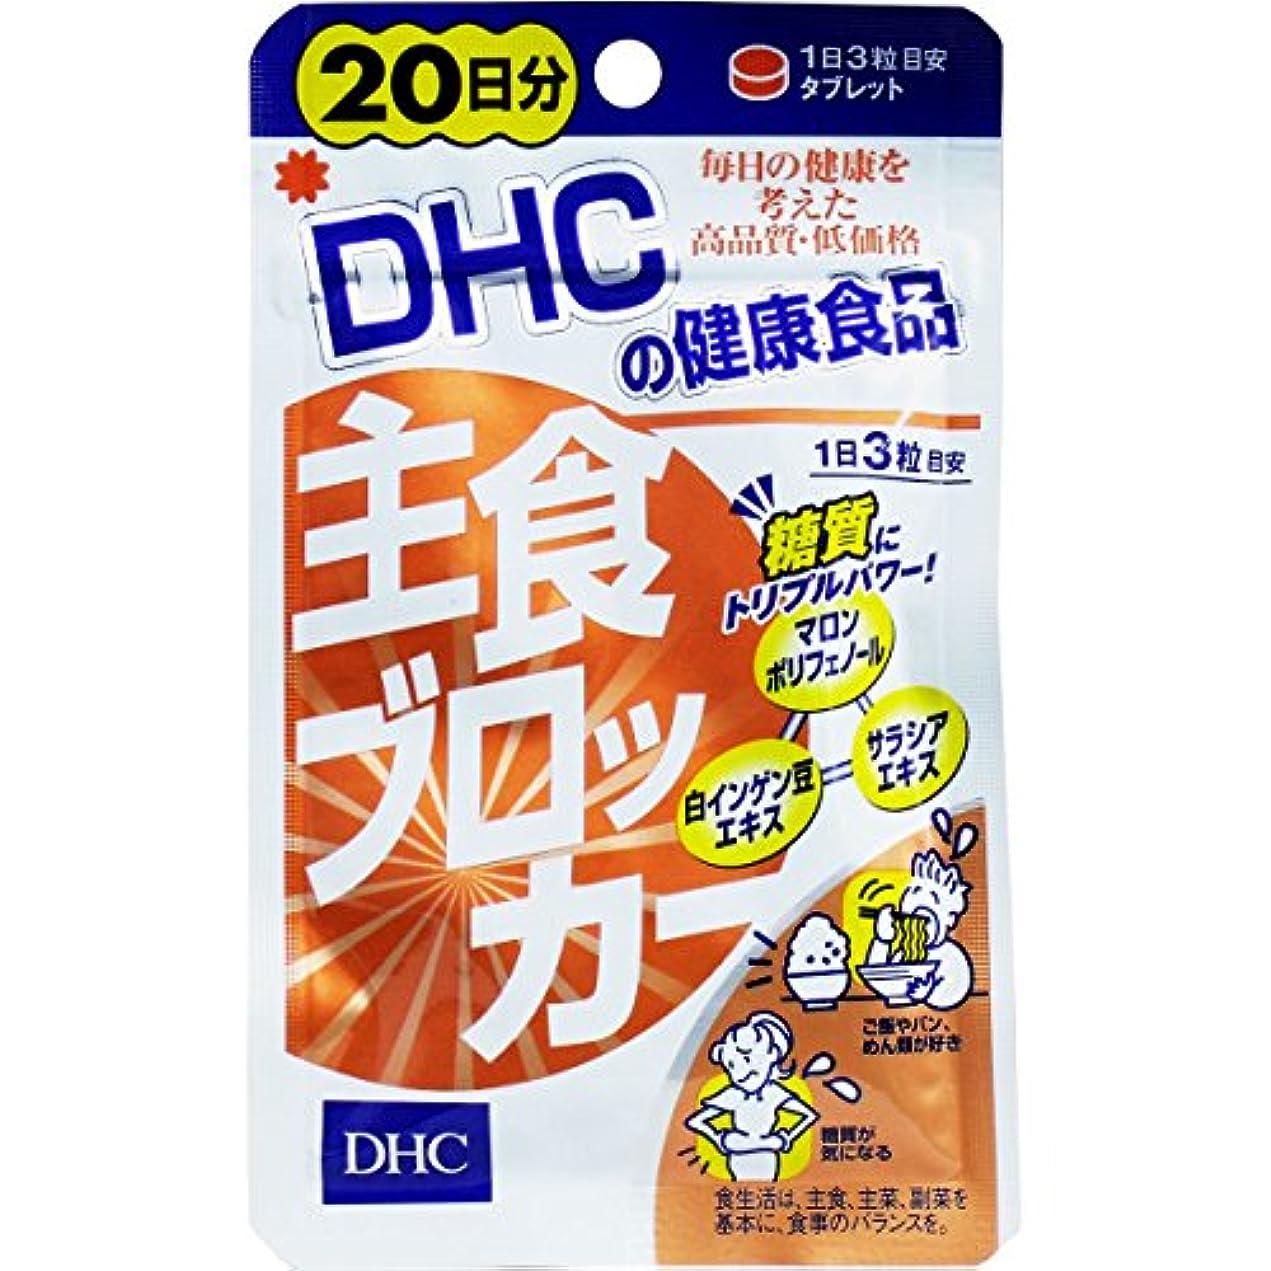 タイヤステンレスアラブサラボDHC 主食ブロッカー 20日分 60粒(12g) ×5個セット